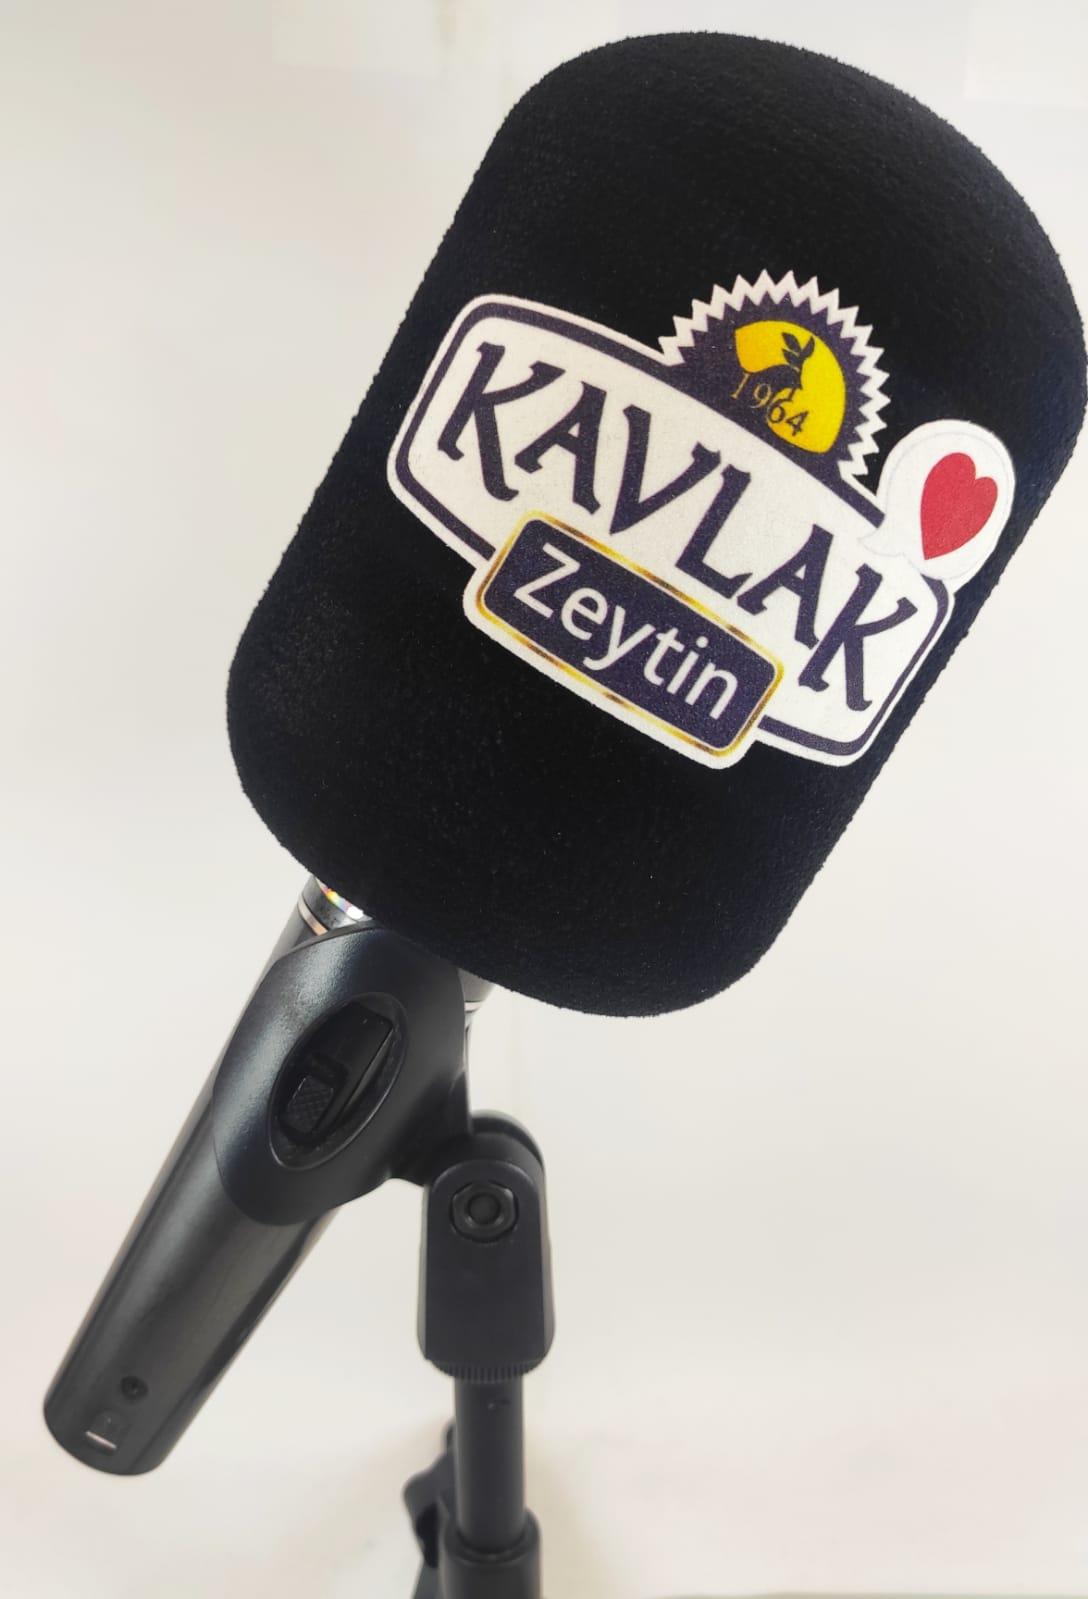 Logolu mikrofon süngeri ve baskılı mikrofon süngeri logolu sünger baskılı sünger (78)